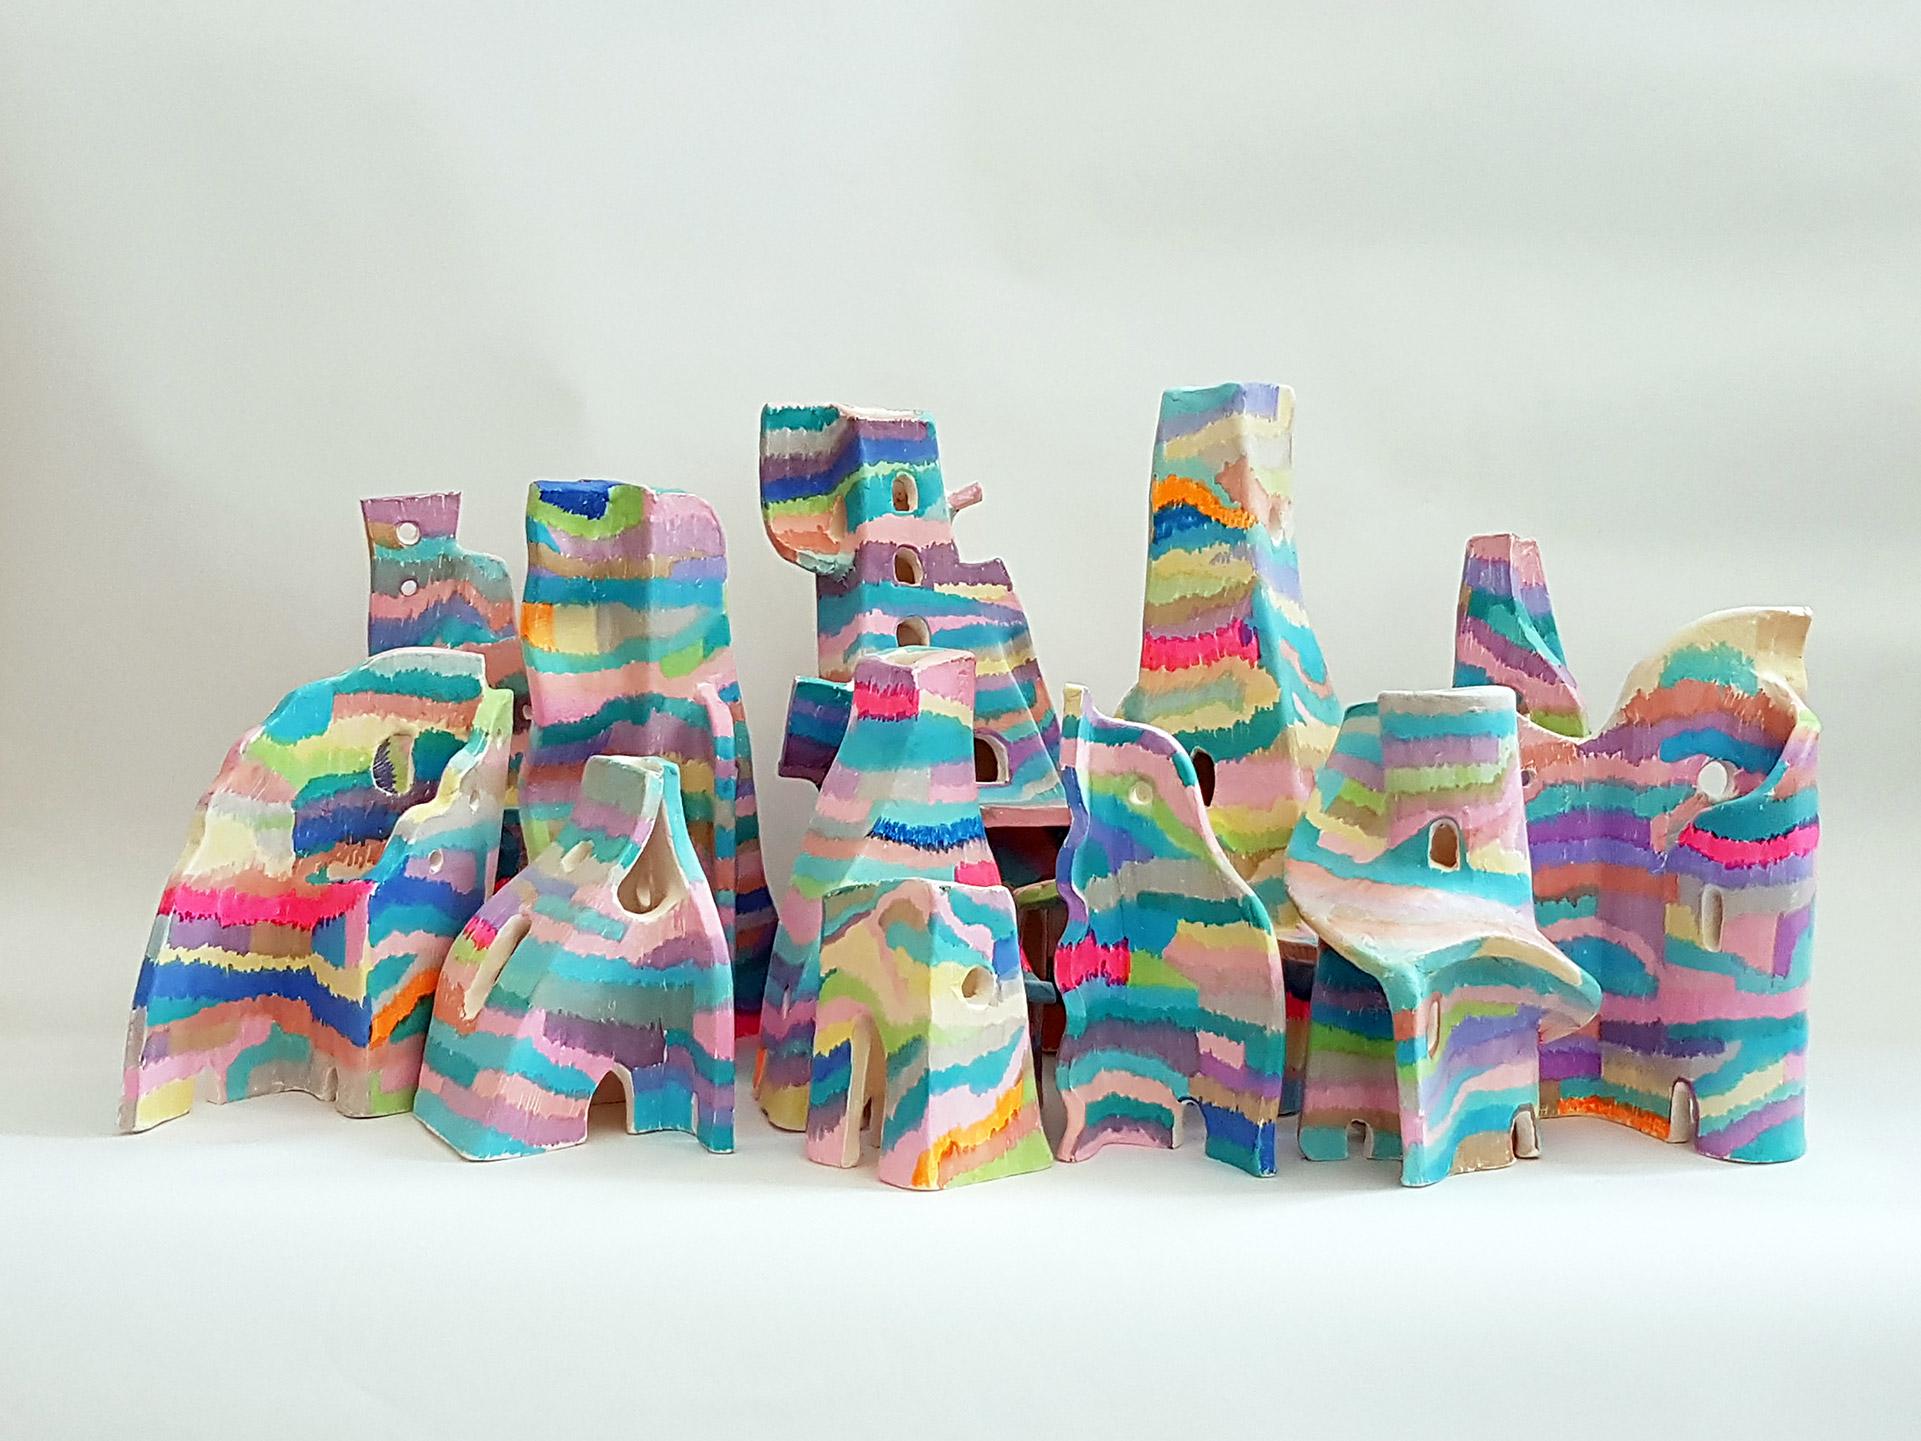 Natalie Rosin Sculpture